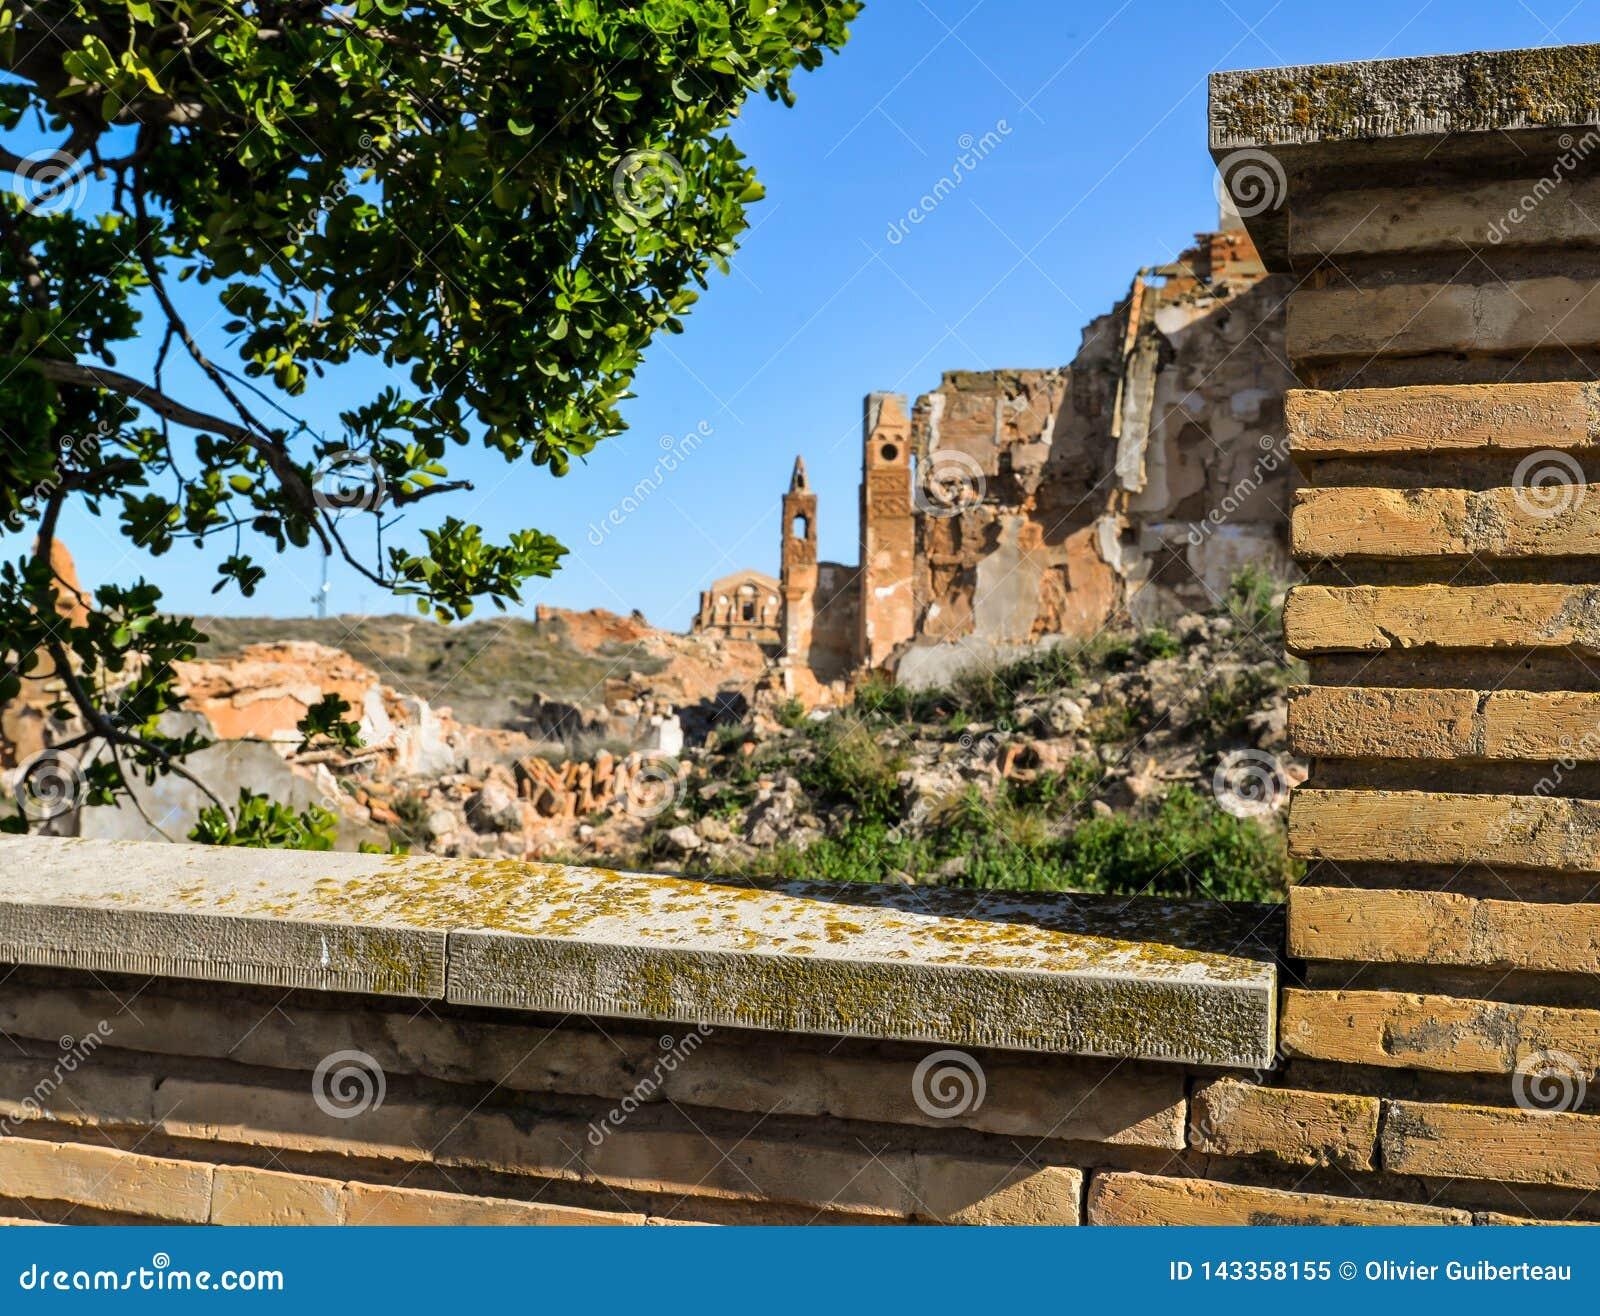 Las ruinas de Belchite - España